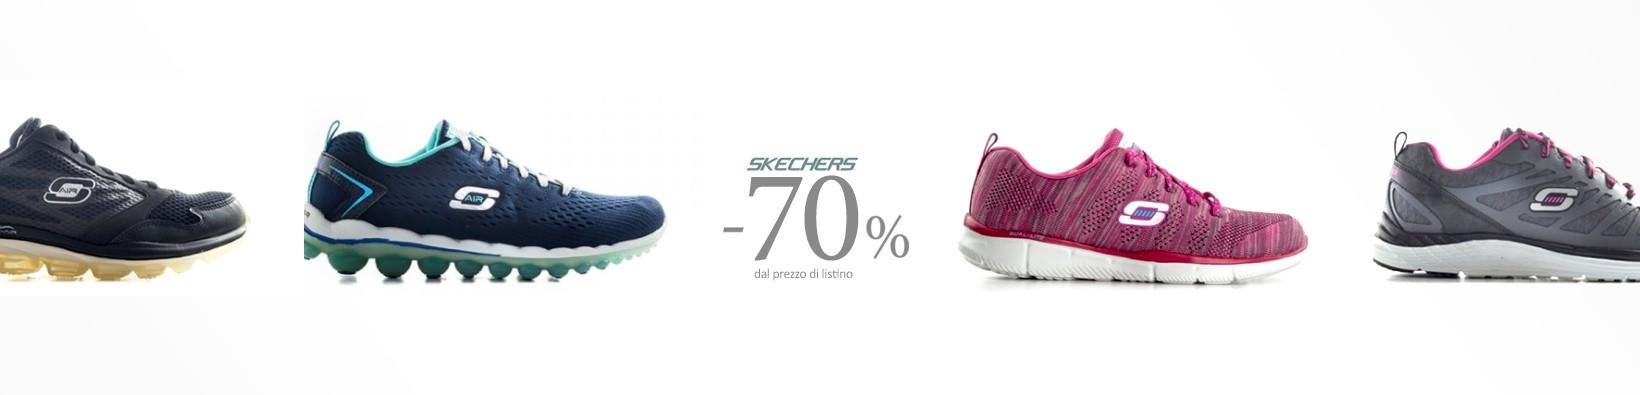 Promo Skechers -70%